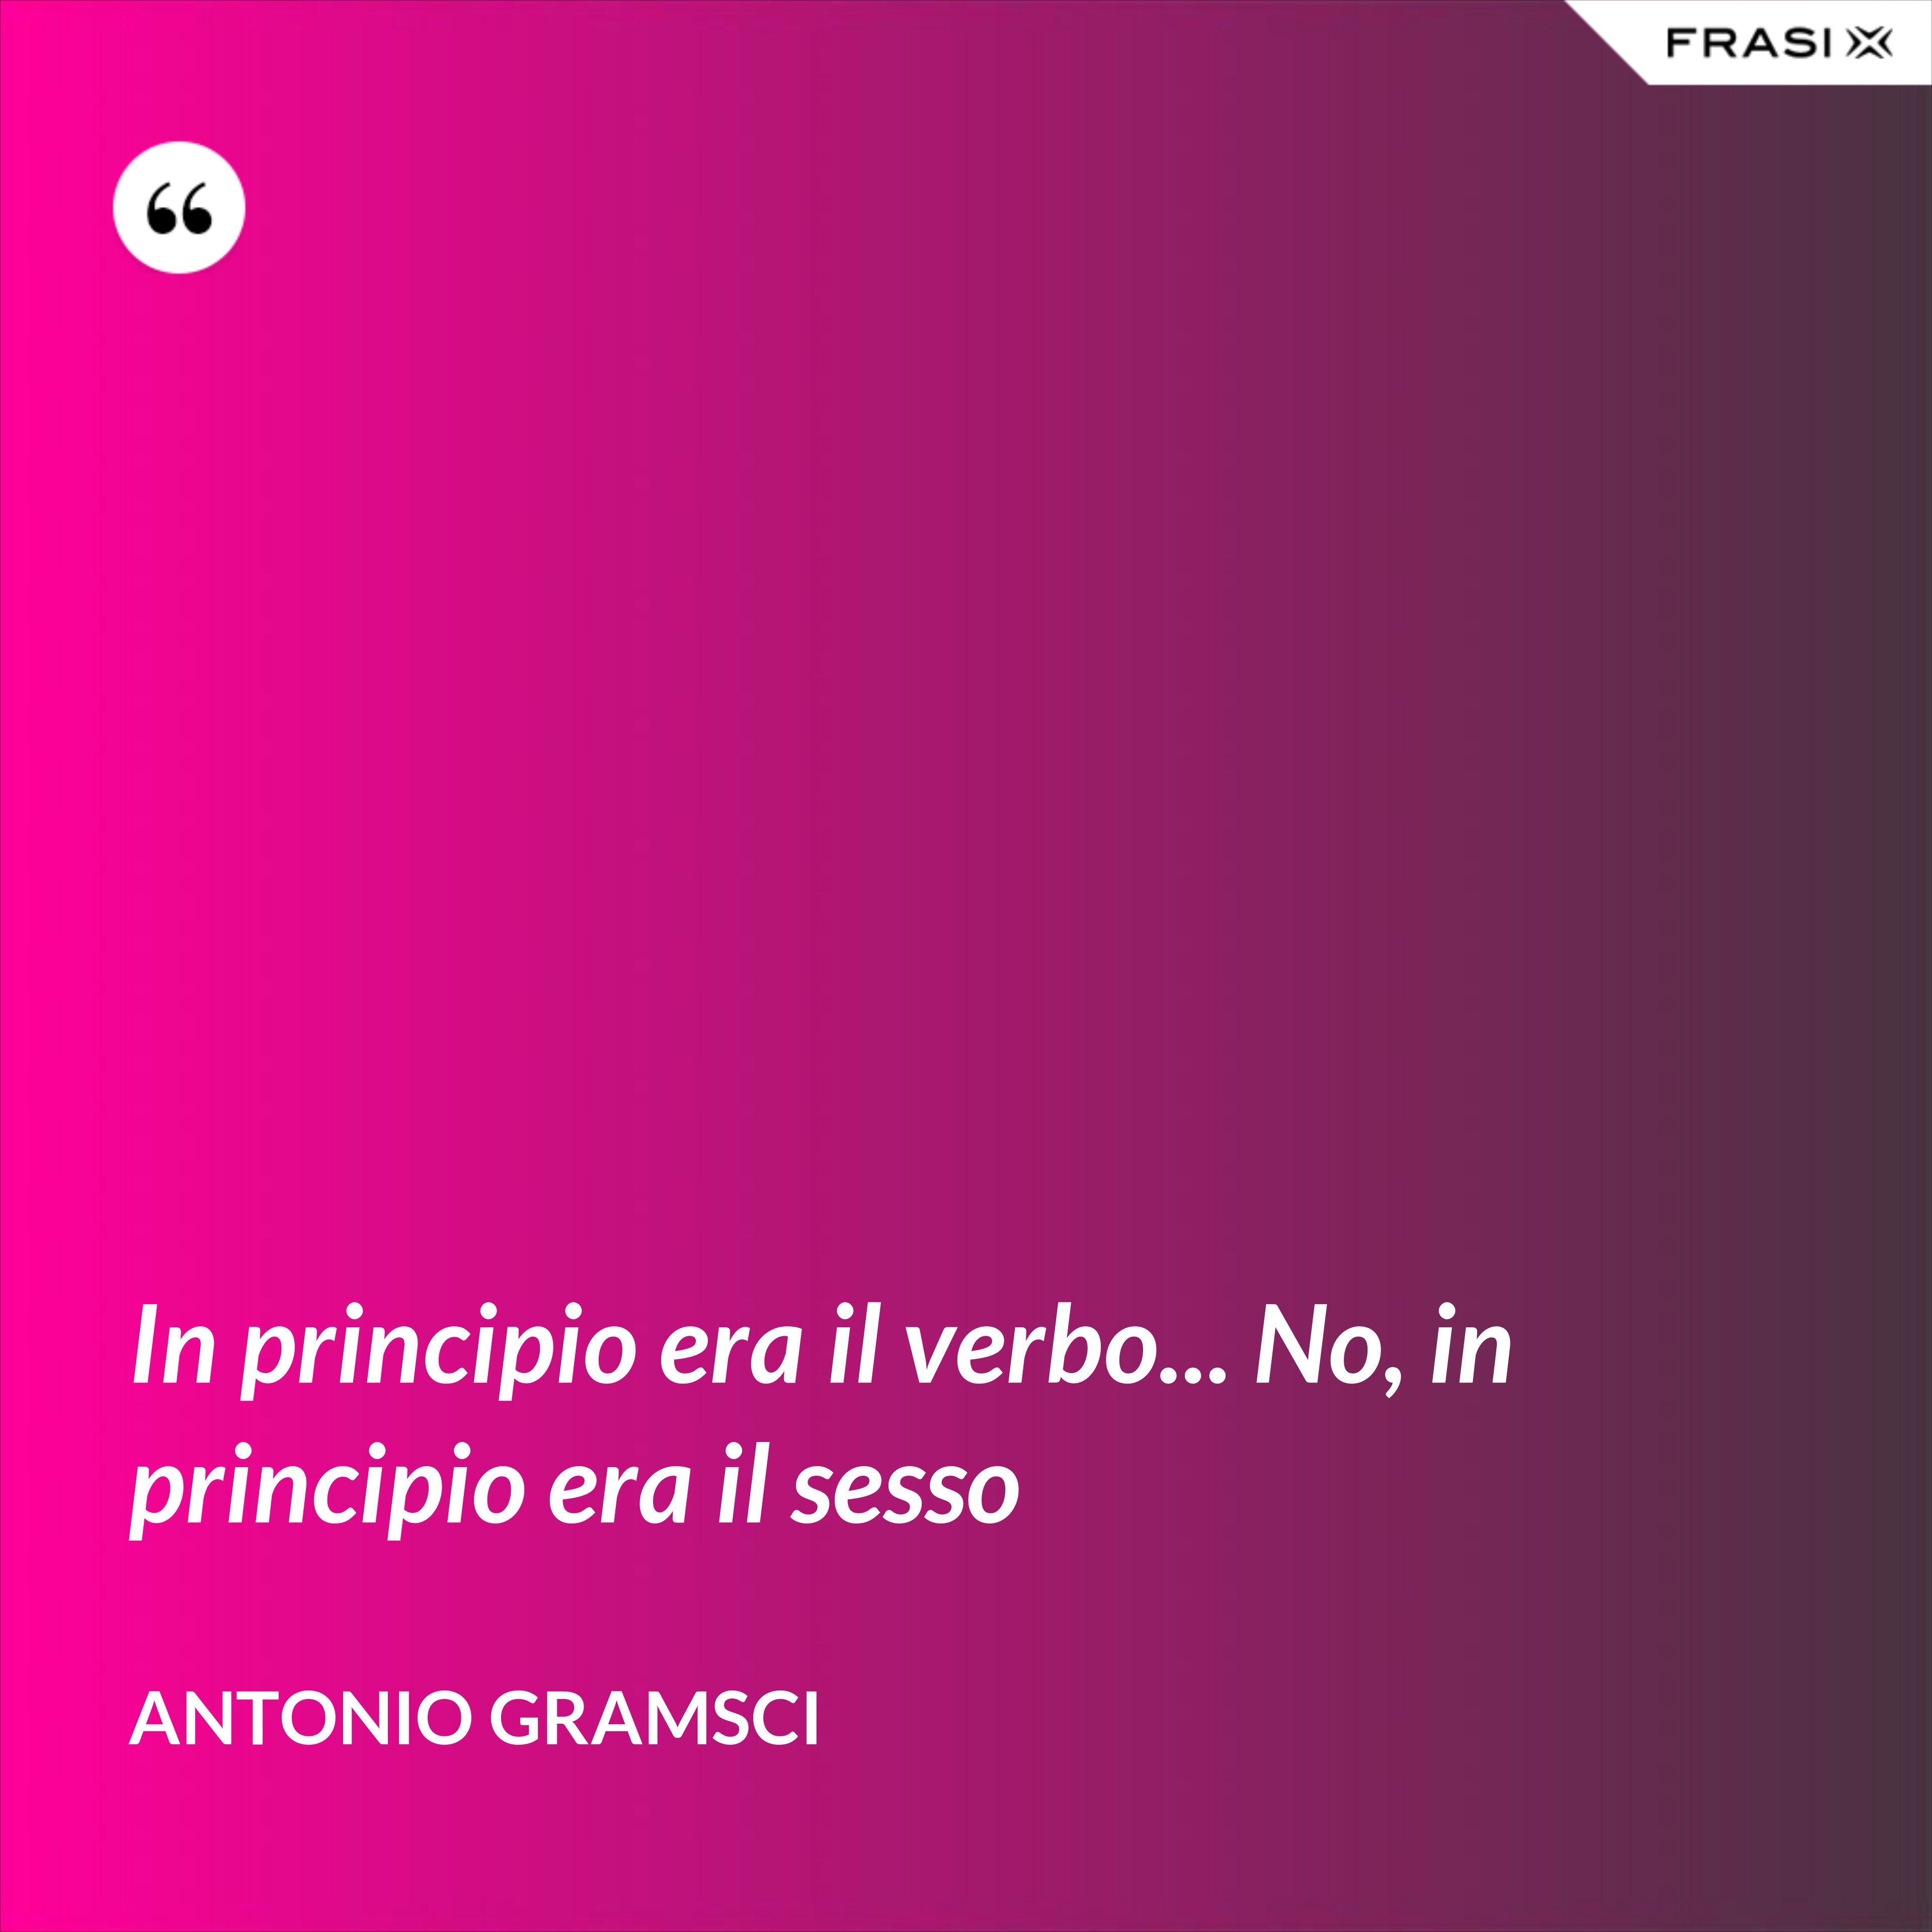 In principio era il verbo... No, in principio era il sesso - Antonio Gramsci